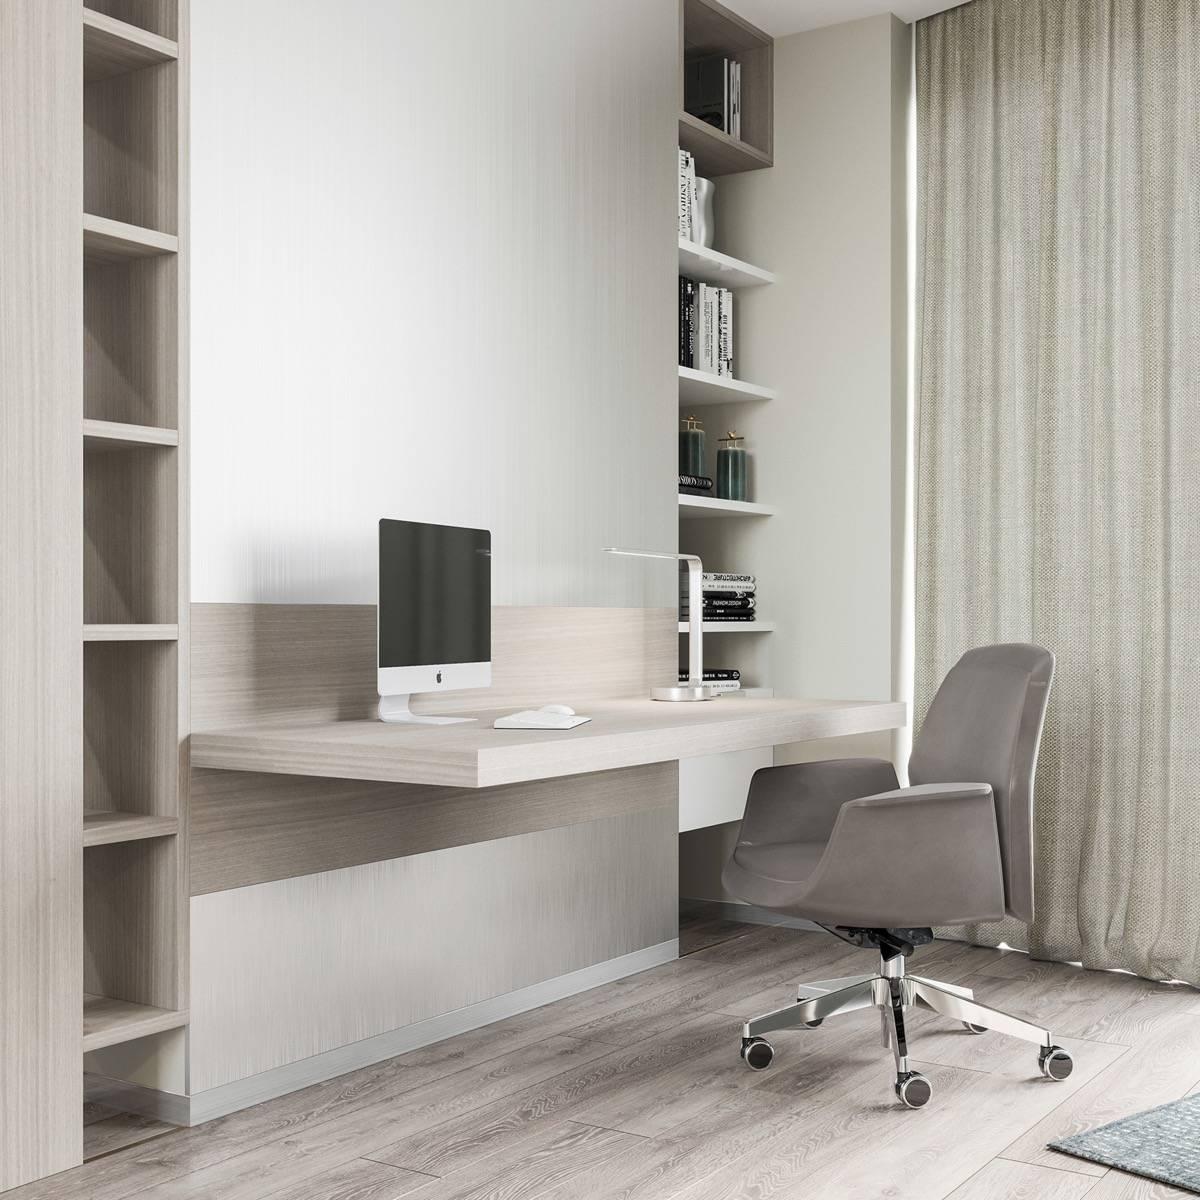 Kantor berdesain simpel dengan rak terbuka